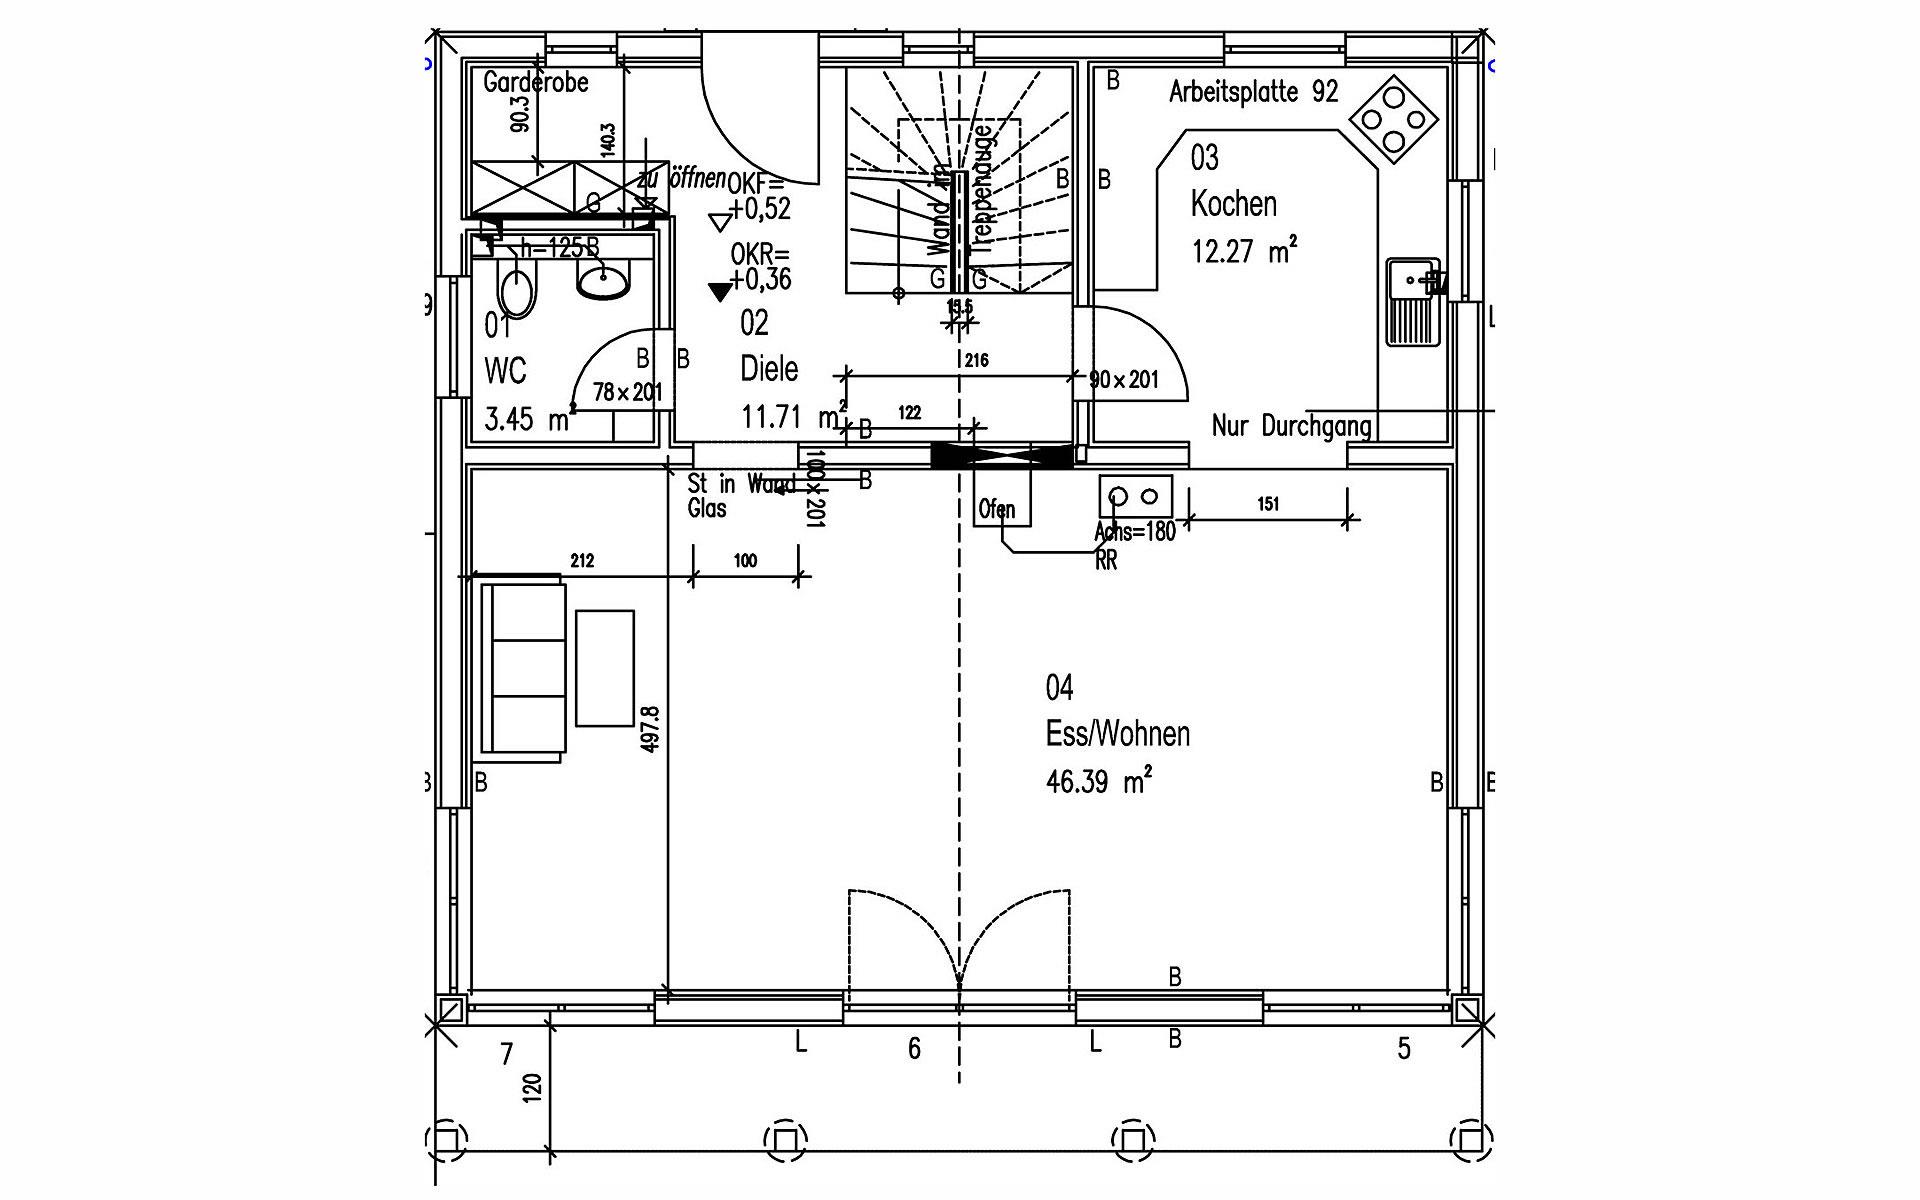 Erdgeschoss Spielberger von Sonnleitner Holzbauwerke GmbH & Co. KG